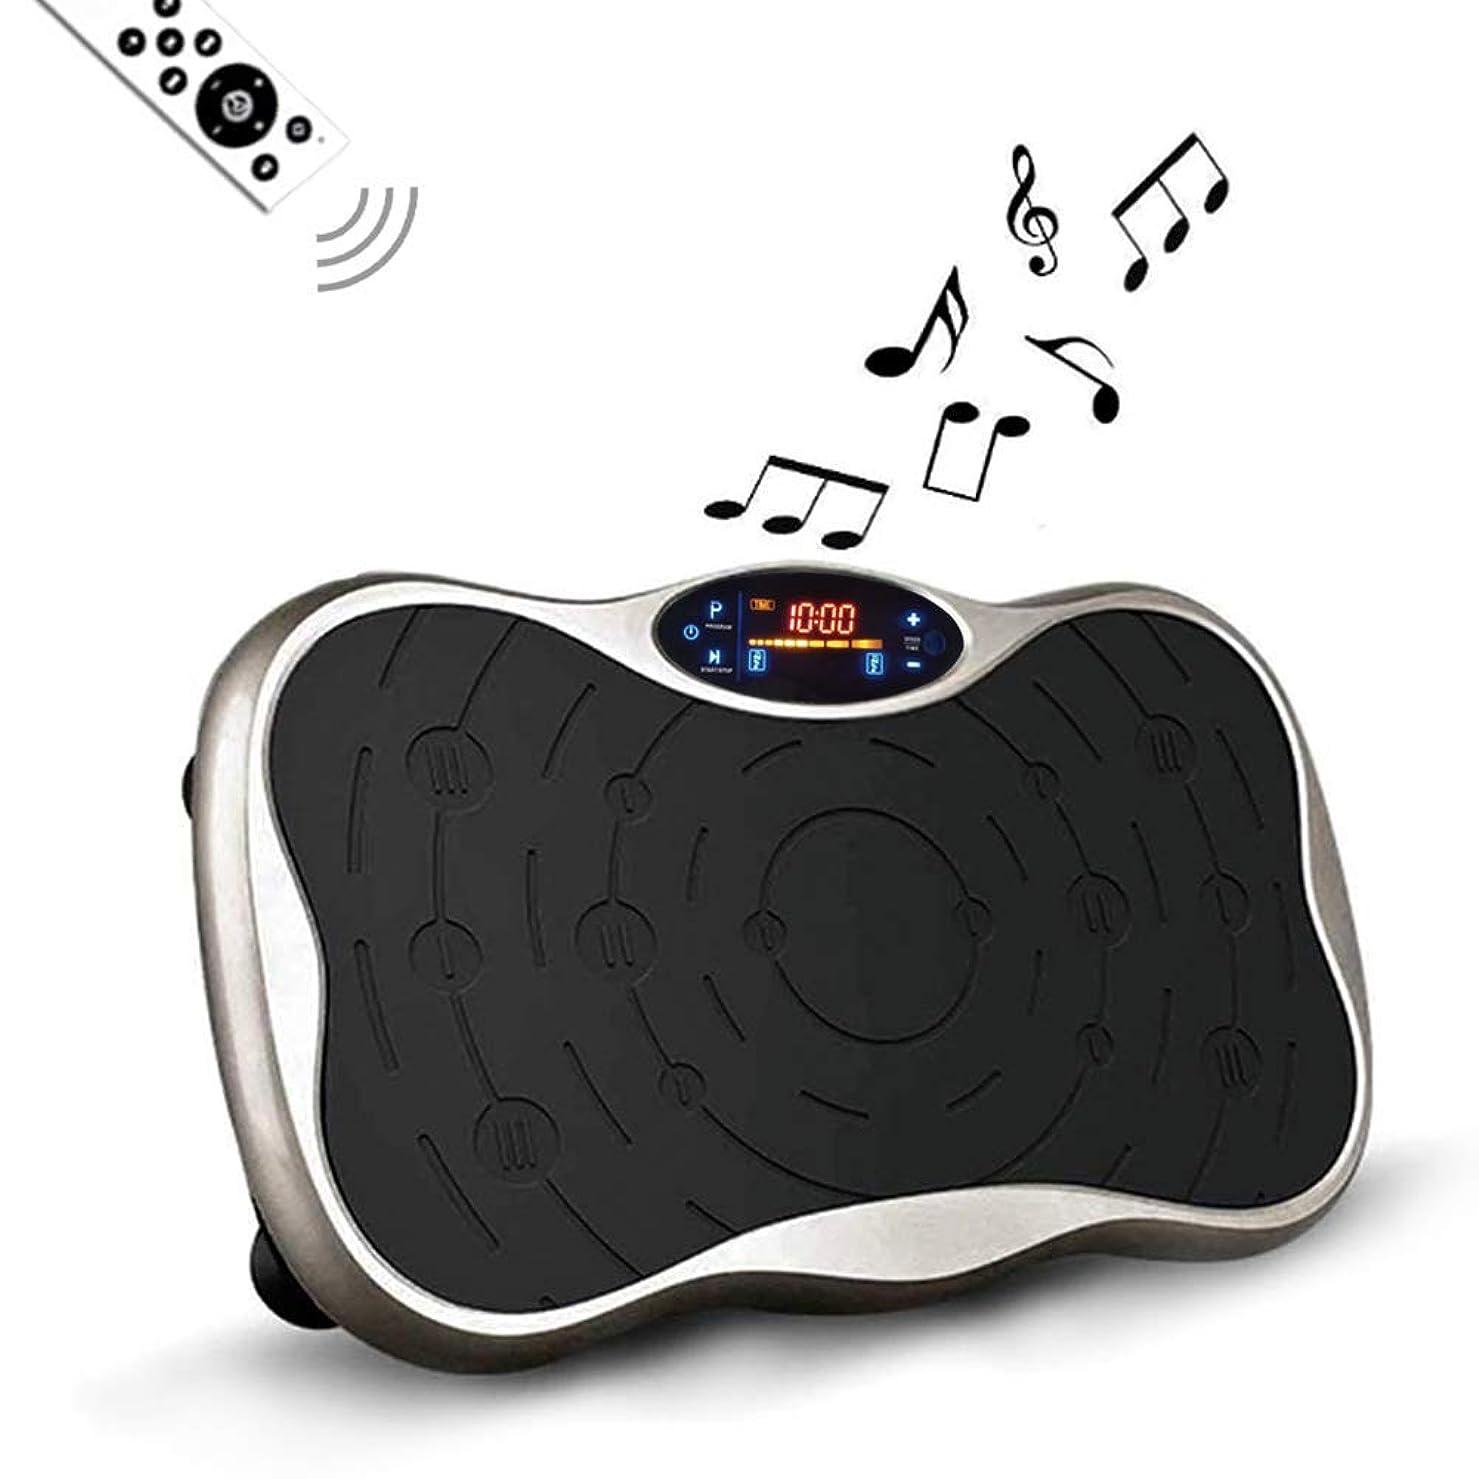 再発する読書ゲーム3D振動マシン 2年保証 振動 フィットネスマシン ダイエット シックスパッド フットフィット 振動マシン ぶるぶるマシン エクサウェーブ bluetooth 音楽プレイヤヤー機能付